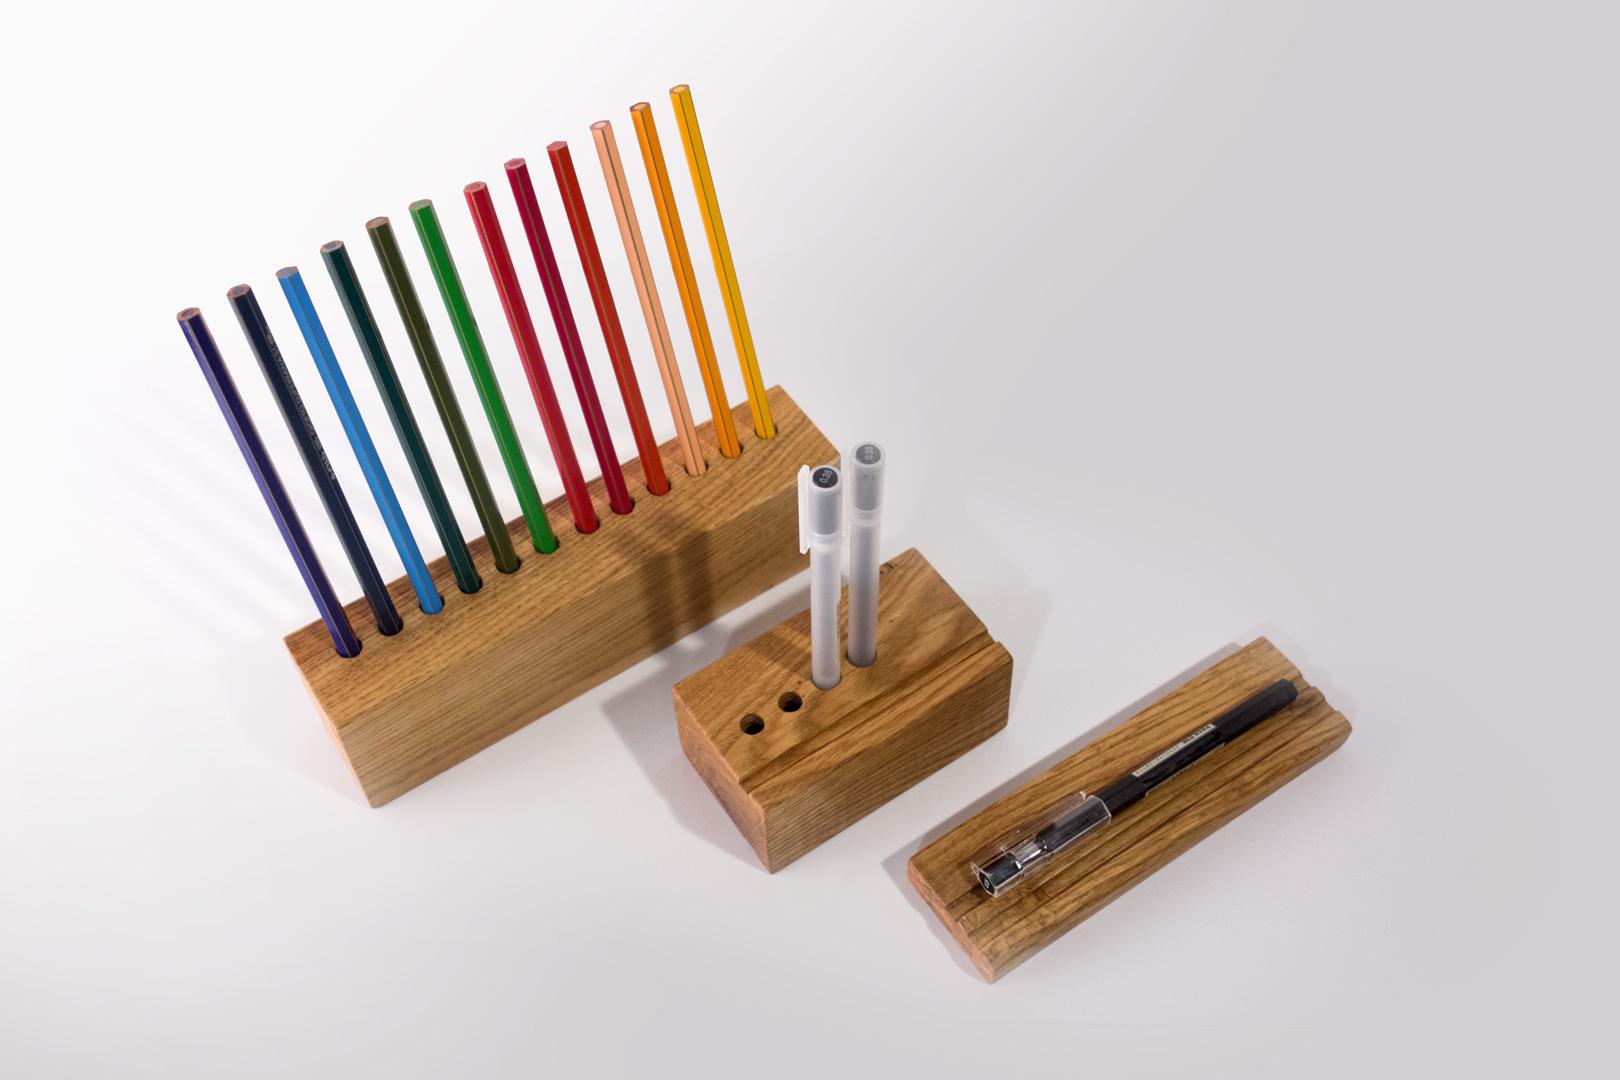 Ordnung am Arbeitsplatz, Stifte wiederfinden durch Stiftehalter von bellovillo